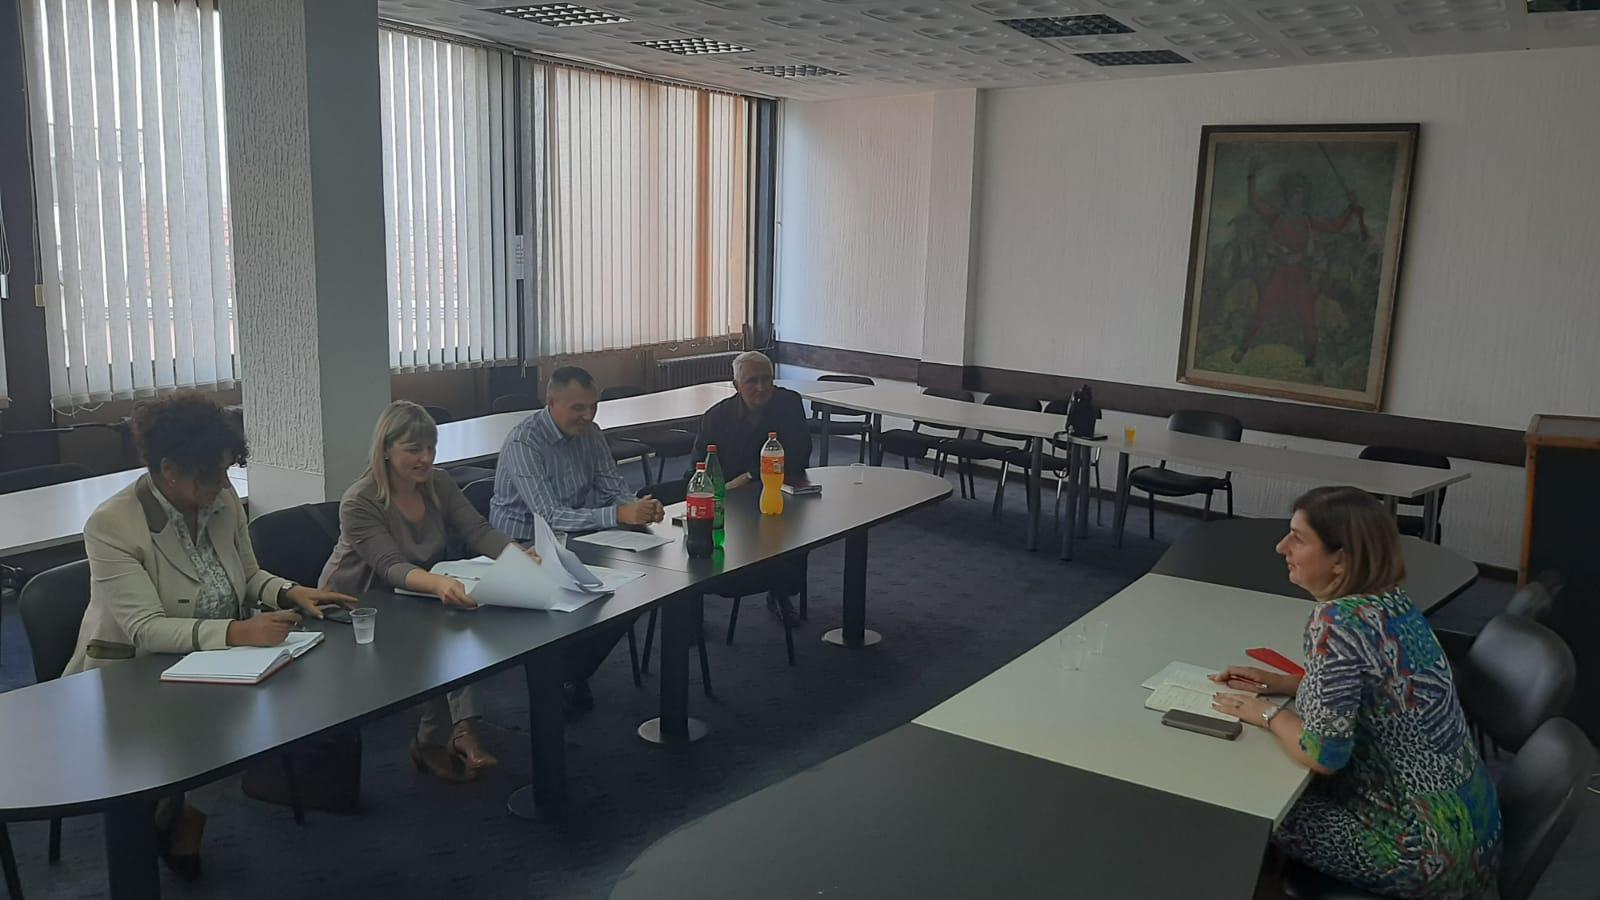 Како ће се организовати настава у школама са територије општине Топола?